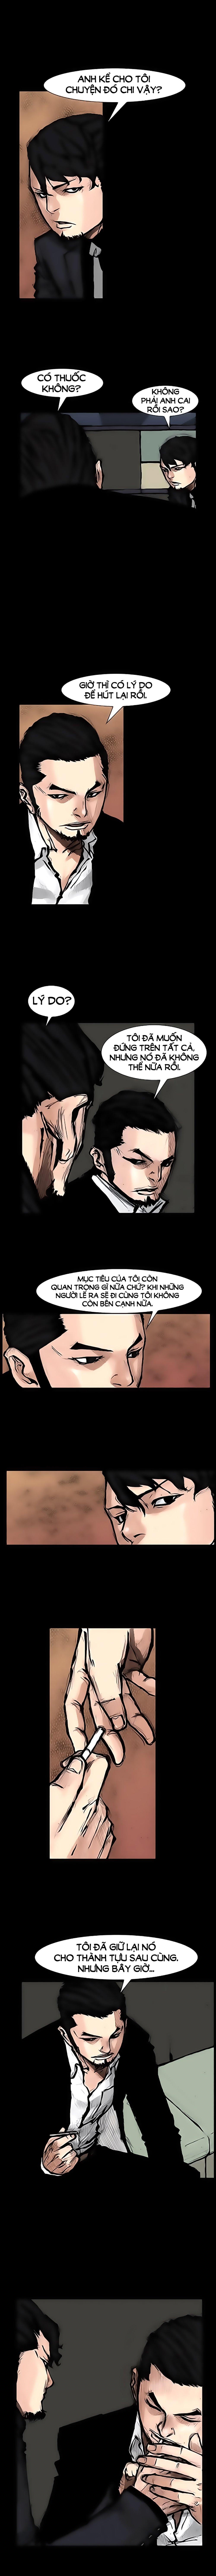 Máu Nhuốm Giang Hồ | Blood Rain chap 66 - Trang 4